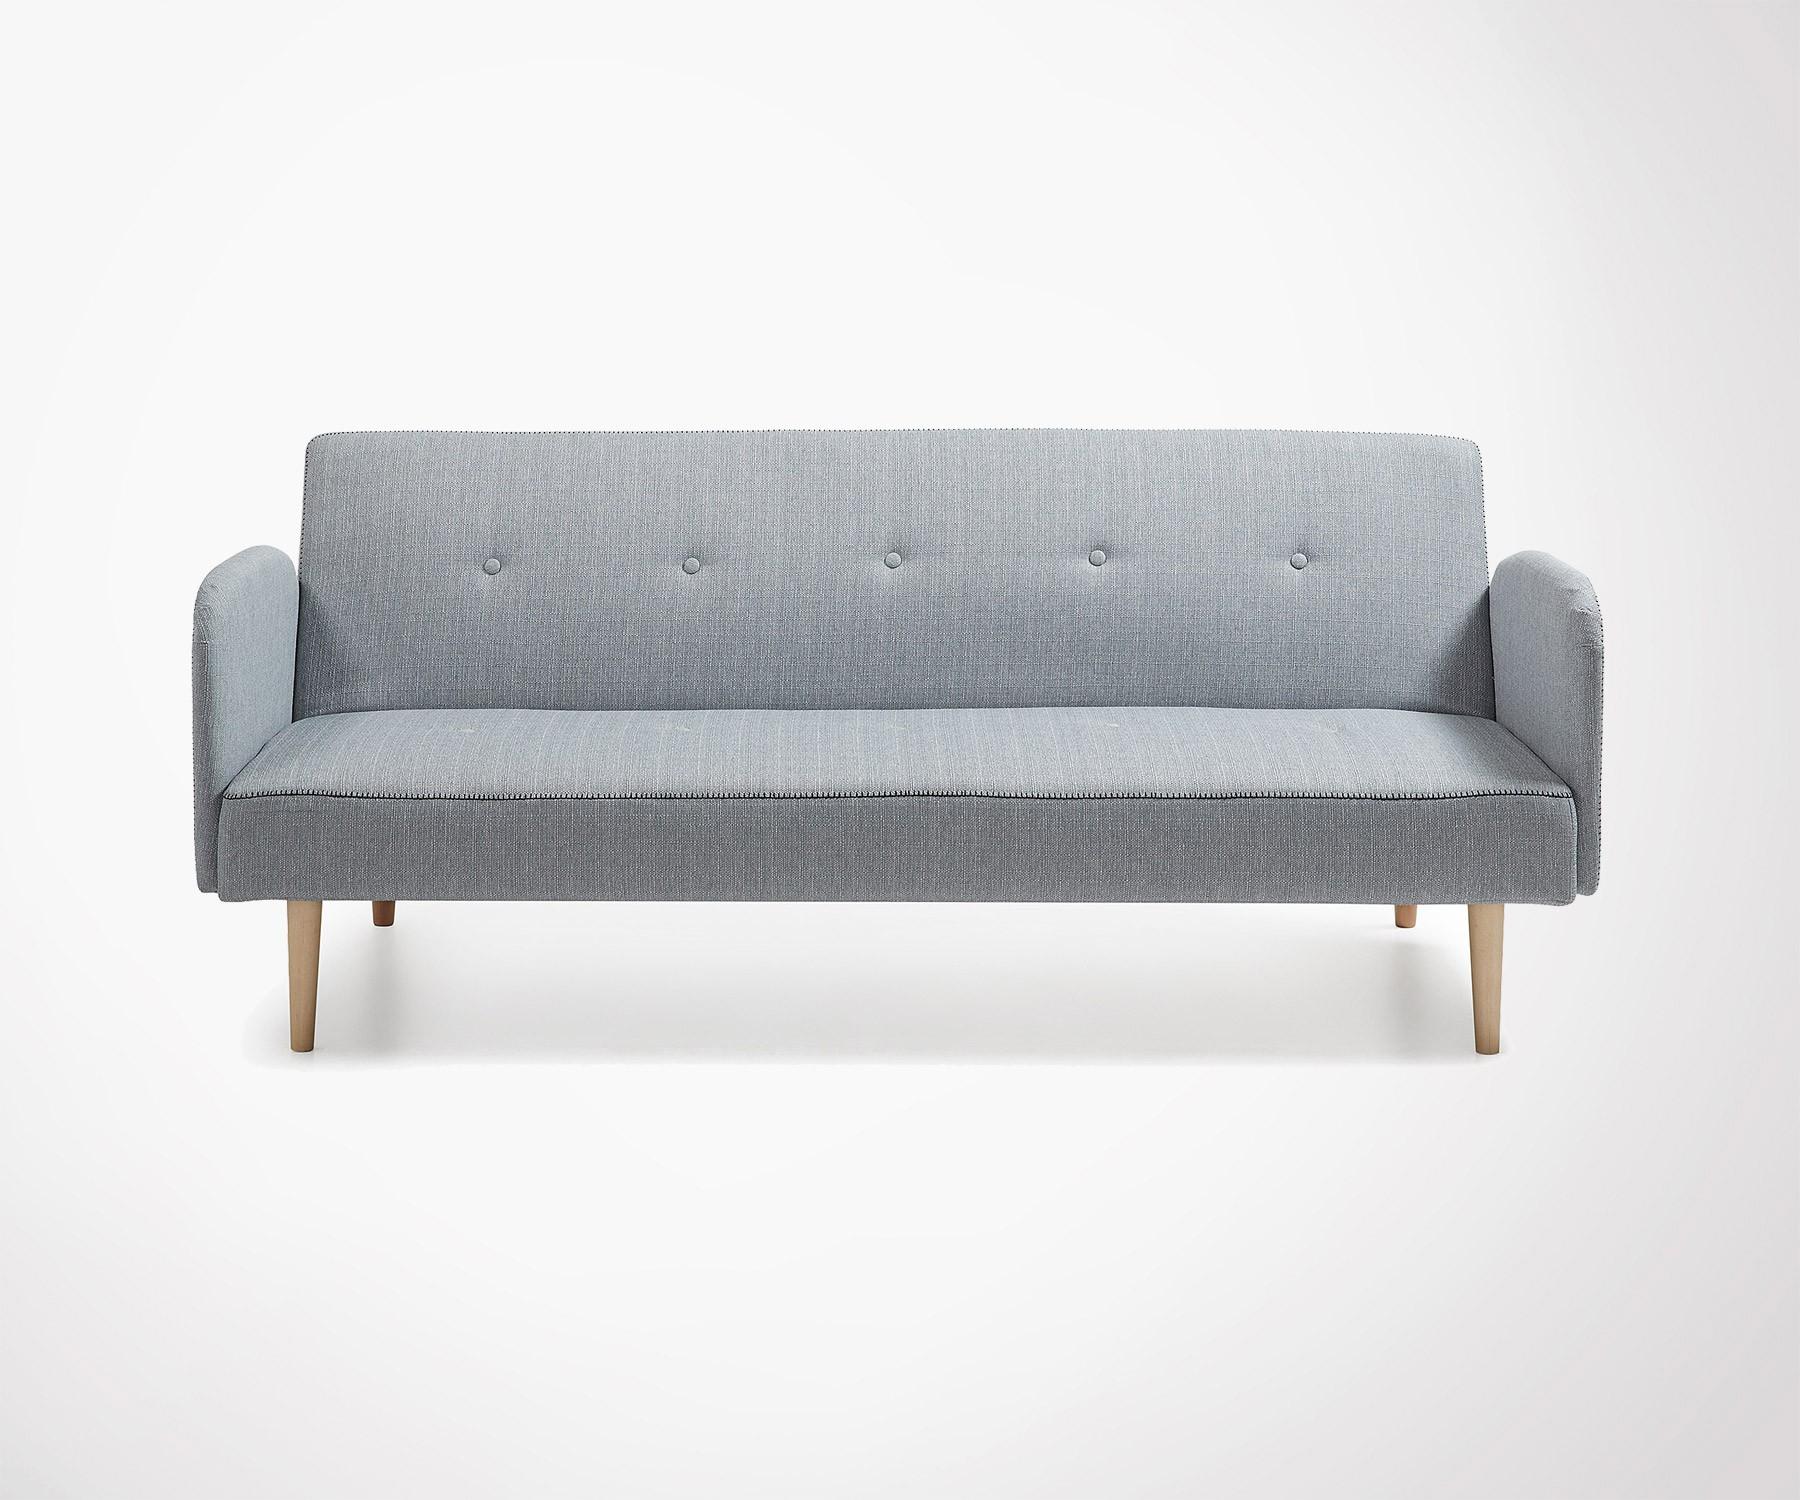 canap lit 2 personnes lit place but lit deux places pas cher canape convertible deux places. Black Bedroom Furniture Sets. Home Design Ideas